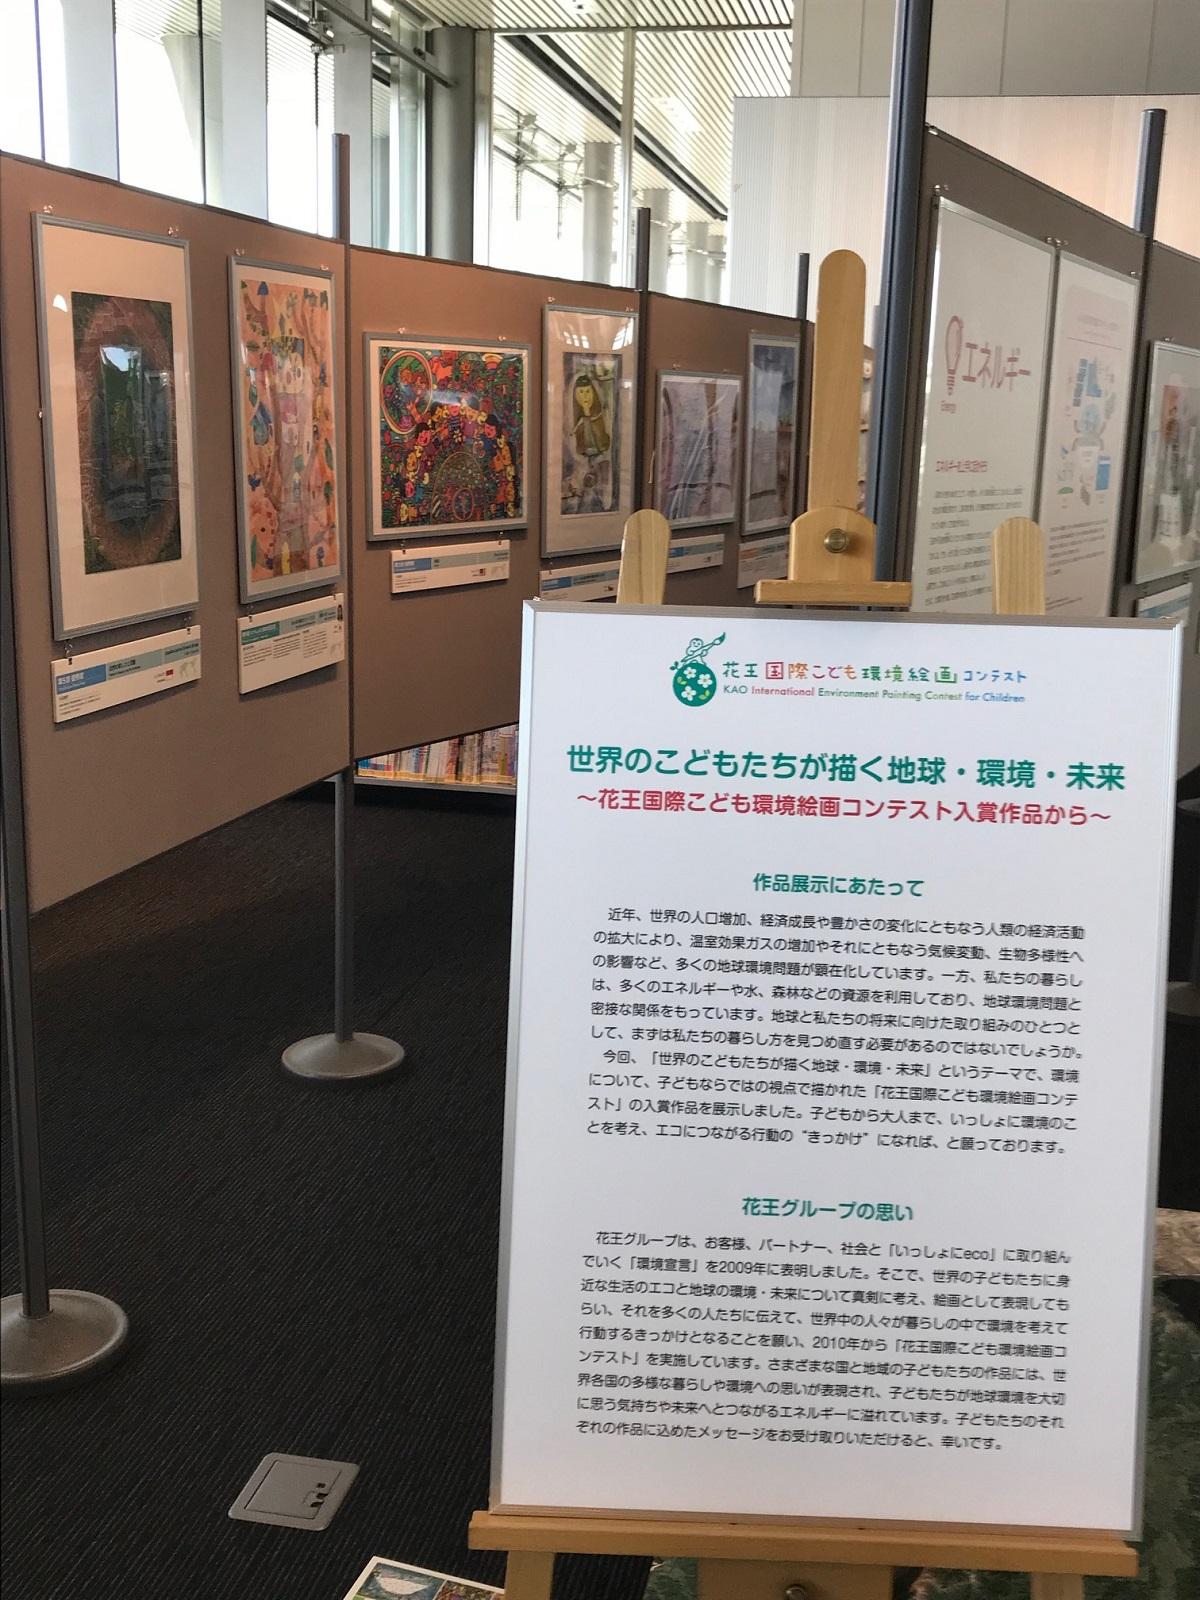 http://blog.iwate-eco.jp/2018/06/03/IMG_2116.jpg